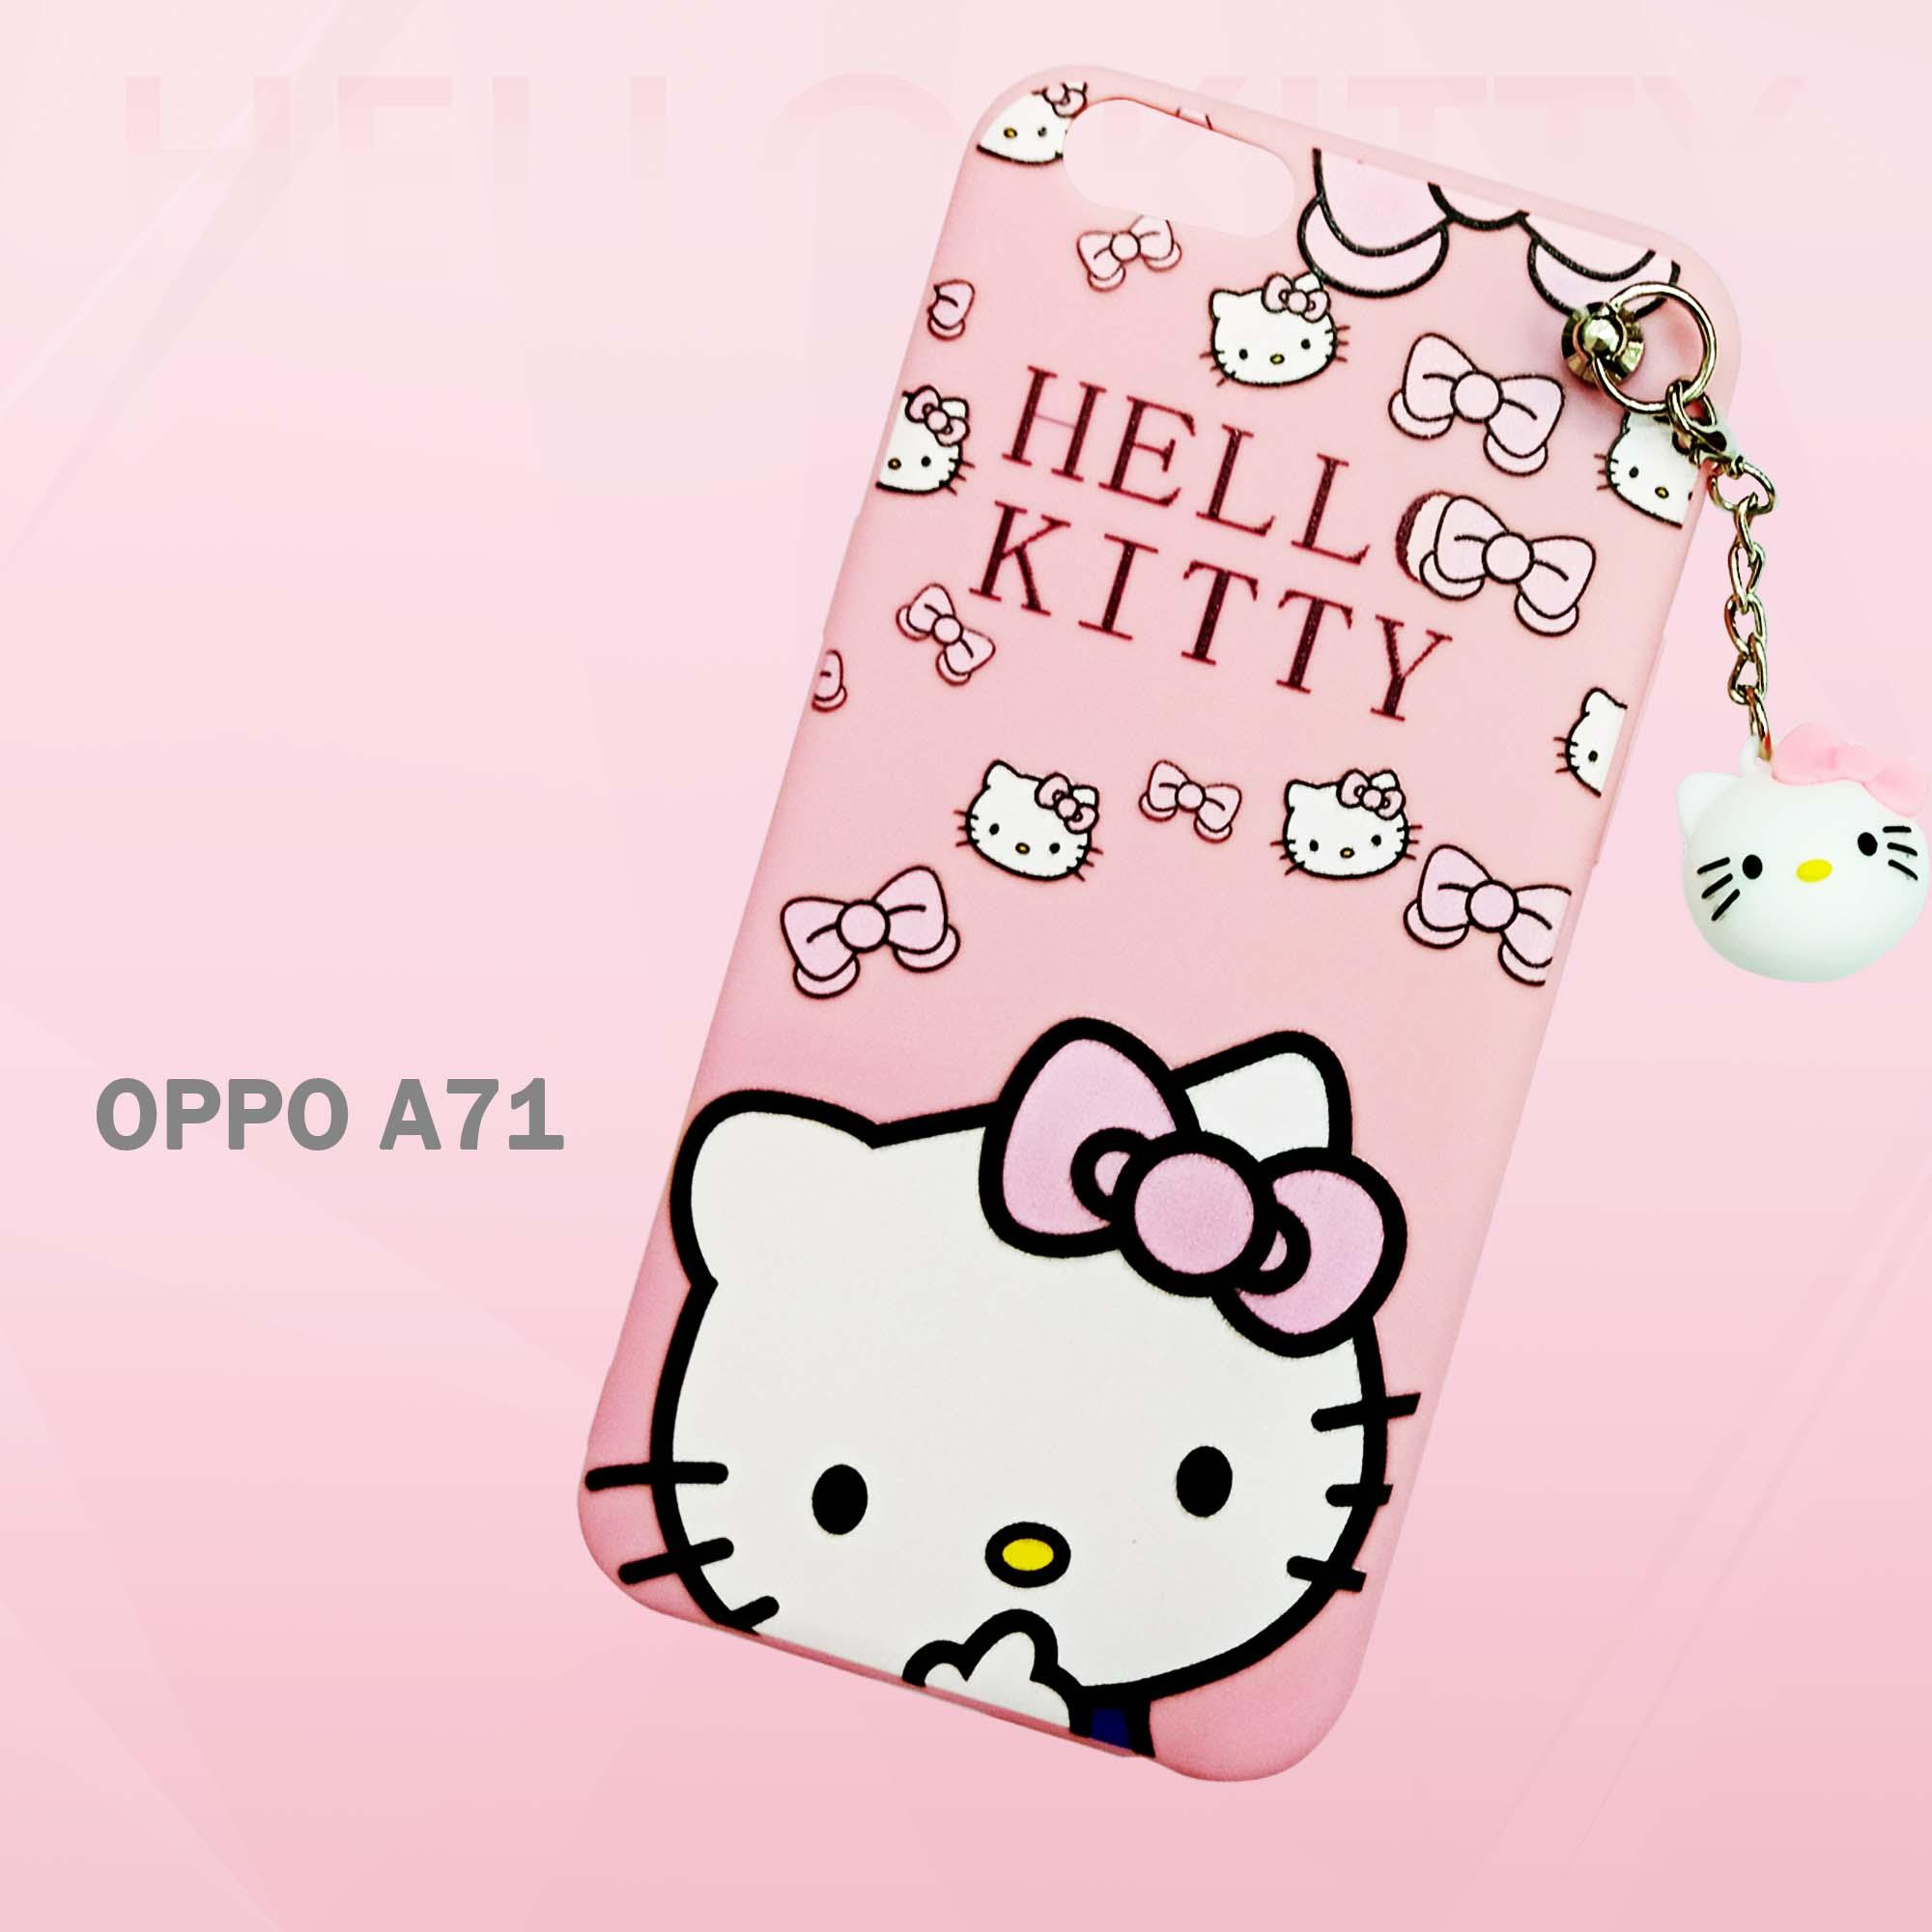 Marintri Case Oppo A71 New Hello Kitty Fashion Gantel